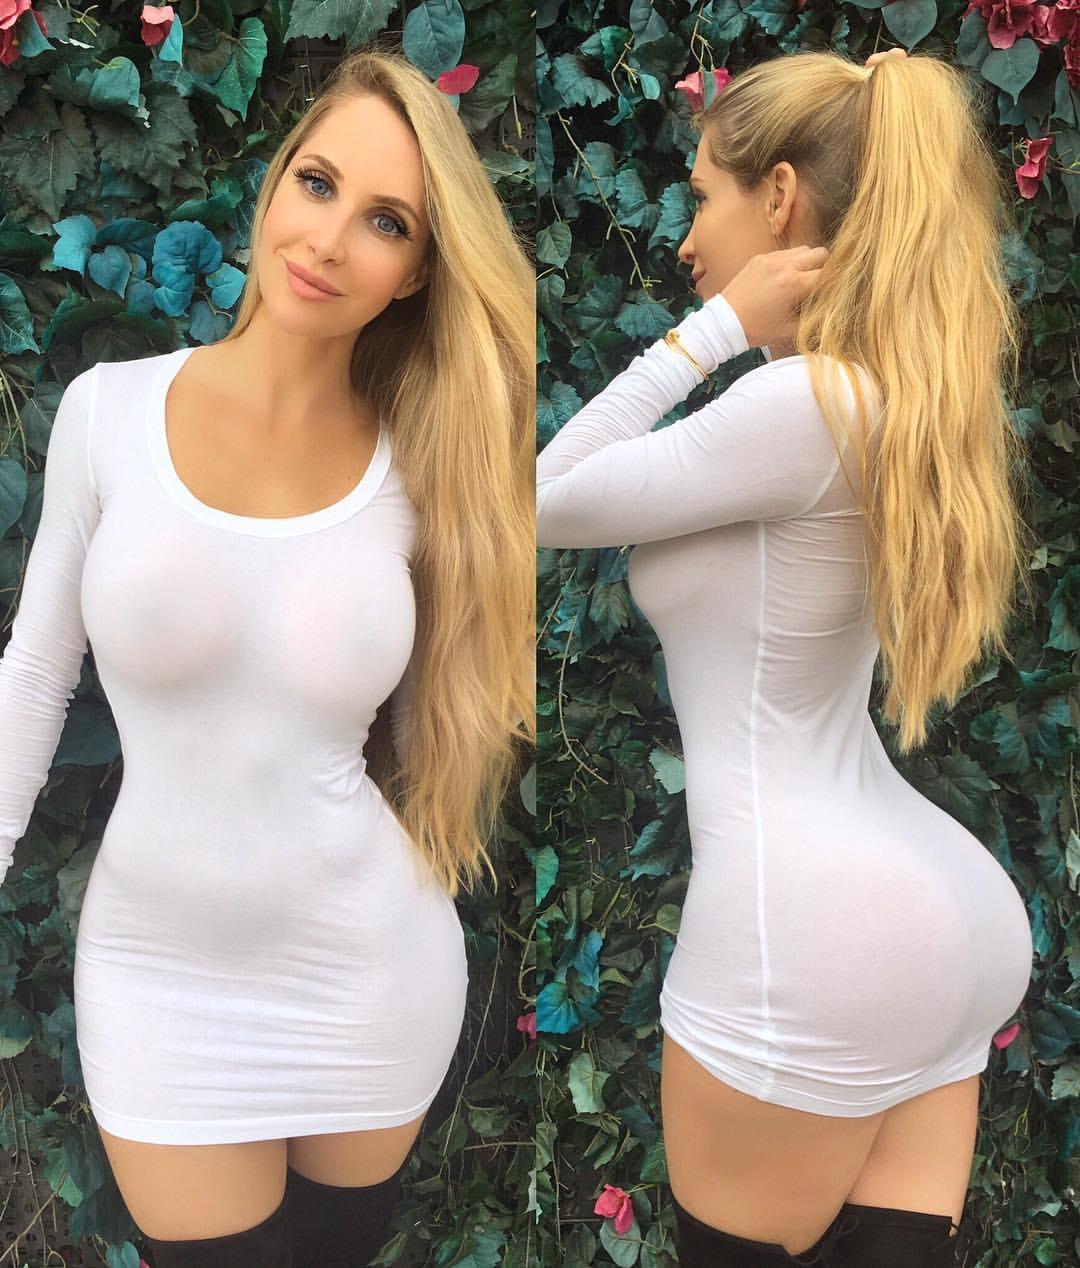 Amanda Elise Porn showing porn images for amanda elise lee naked porn   www